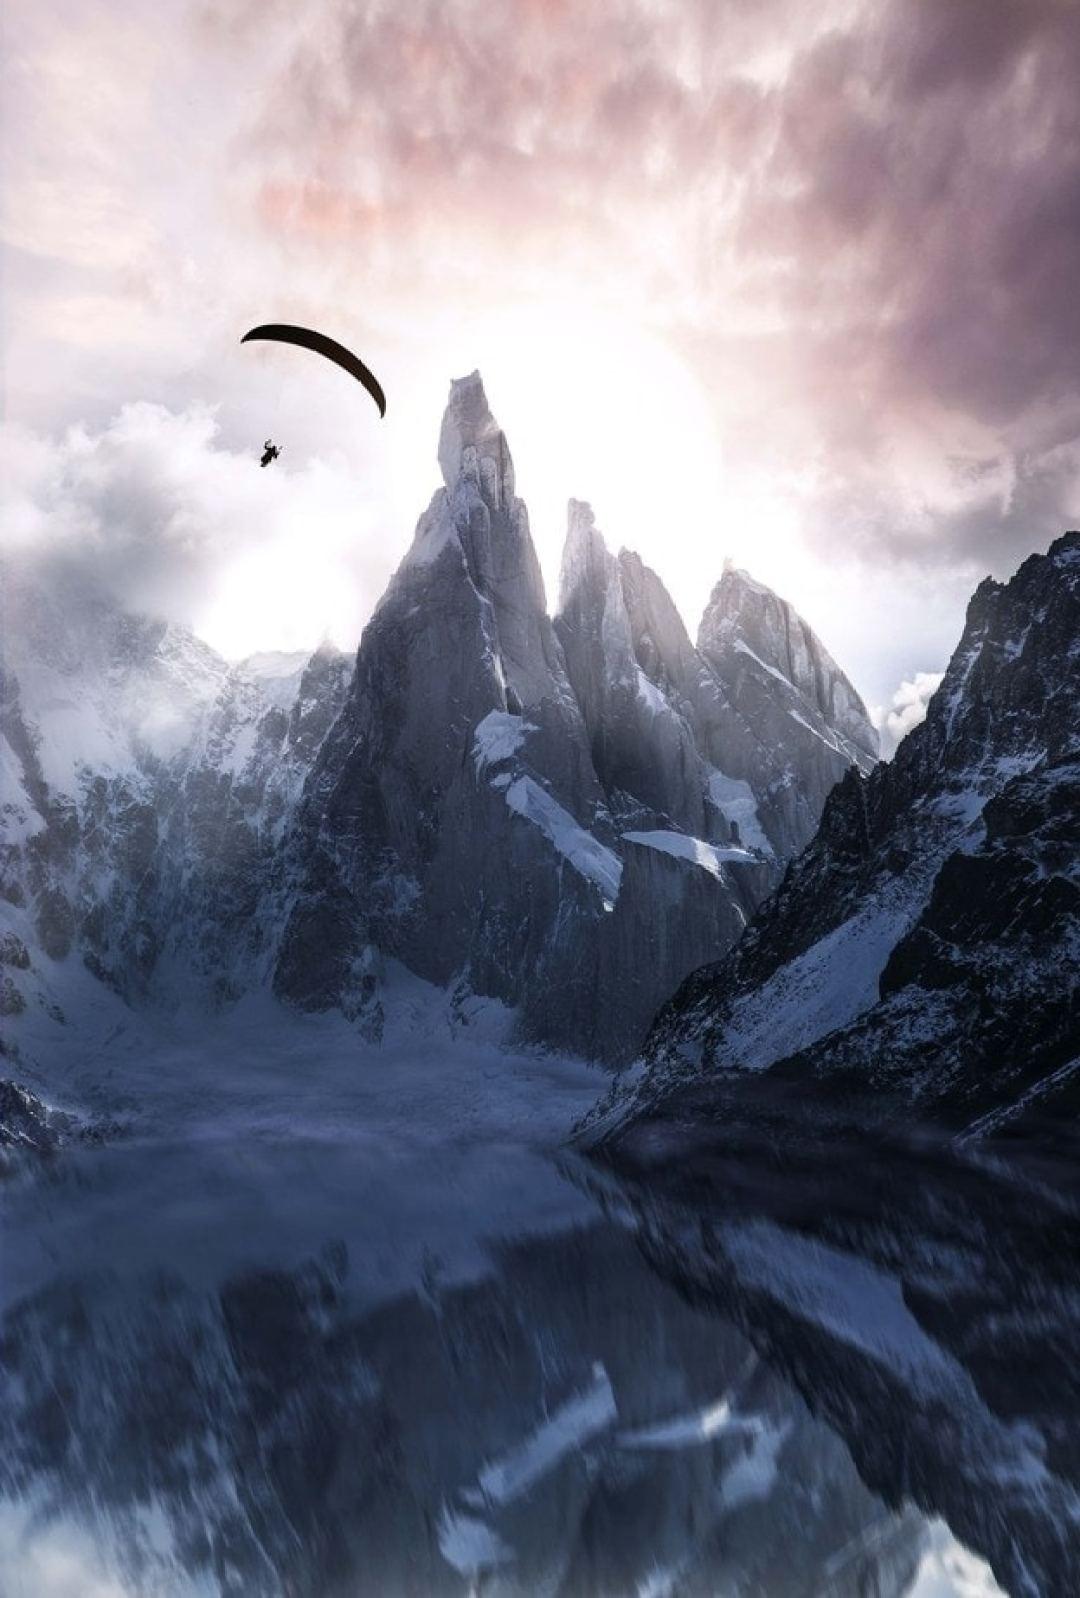 patagoniaParagliding_EDIT